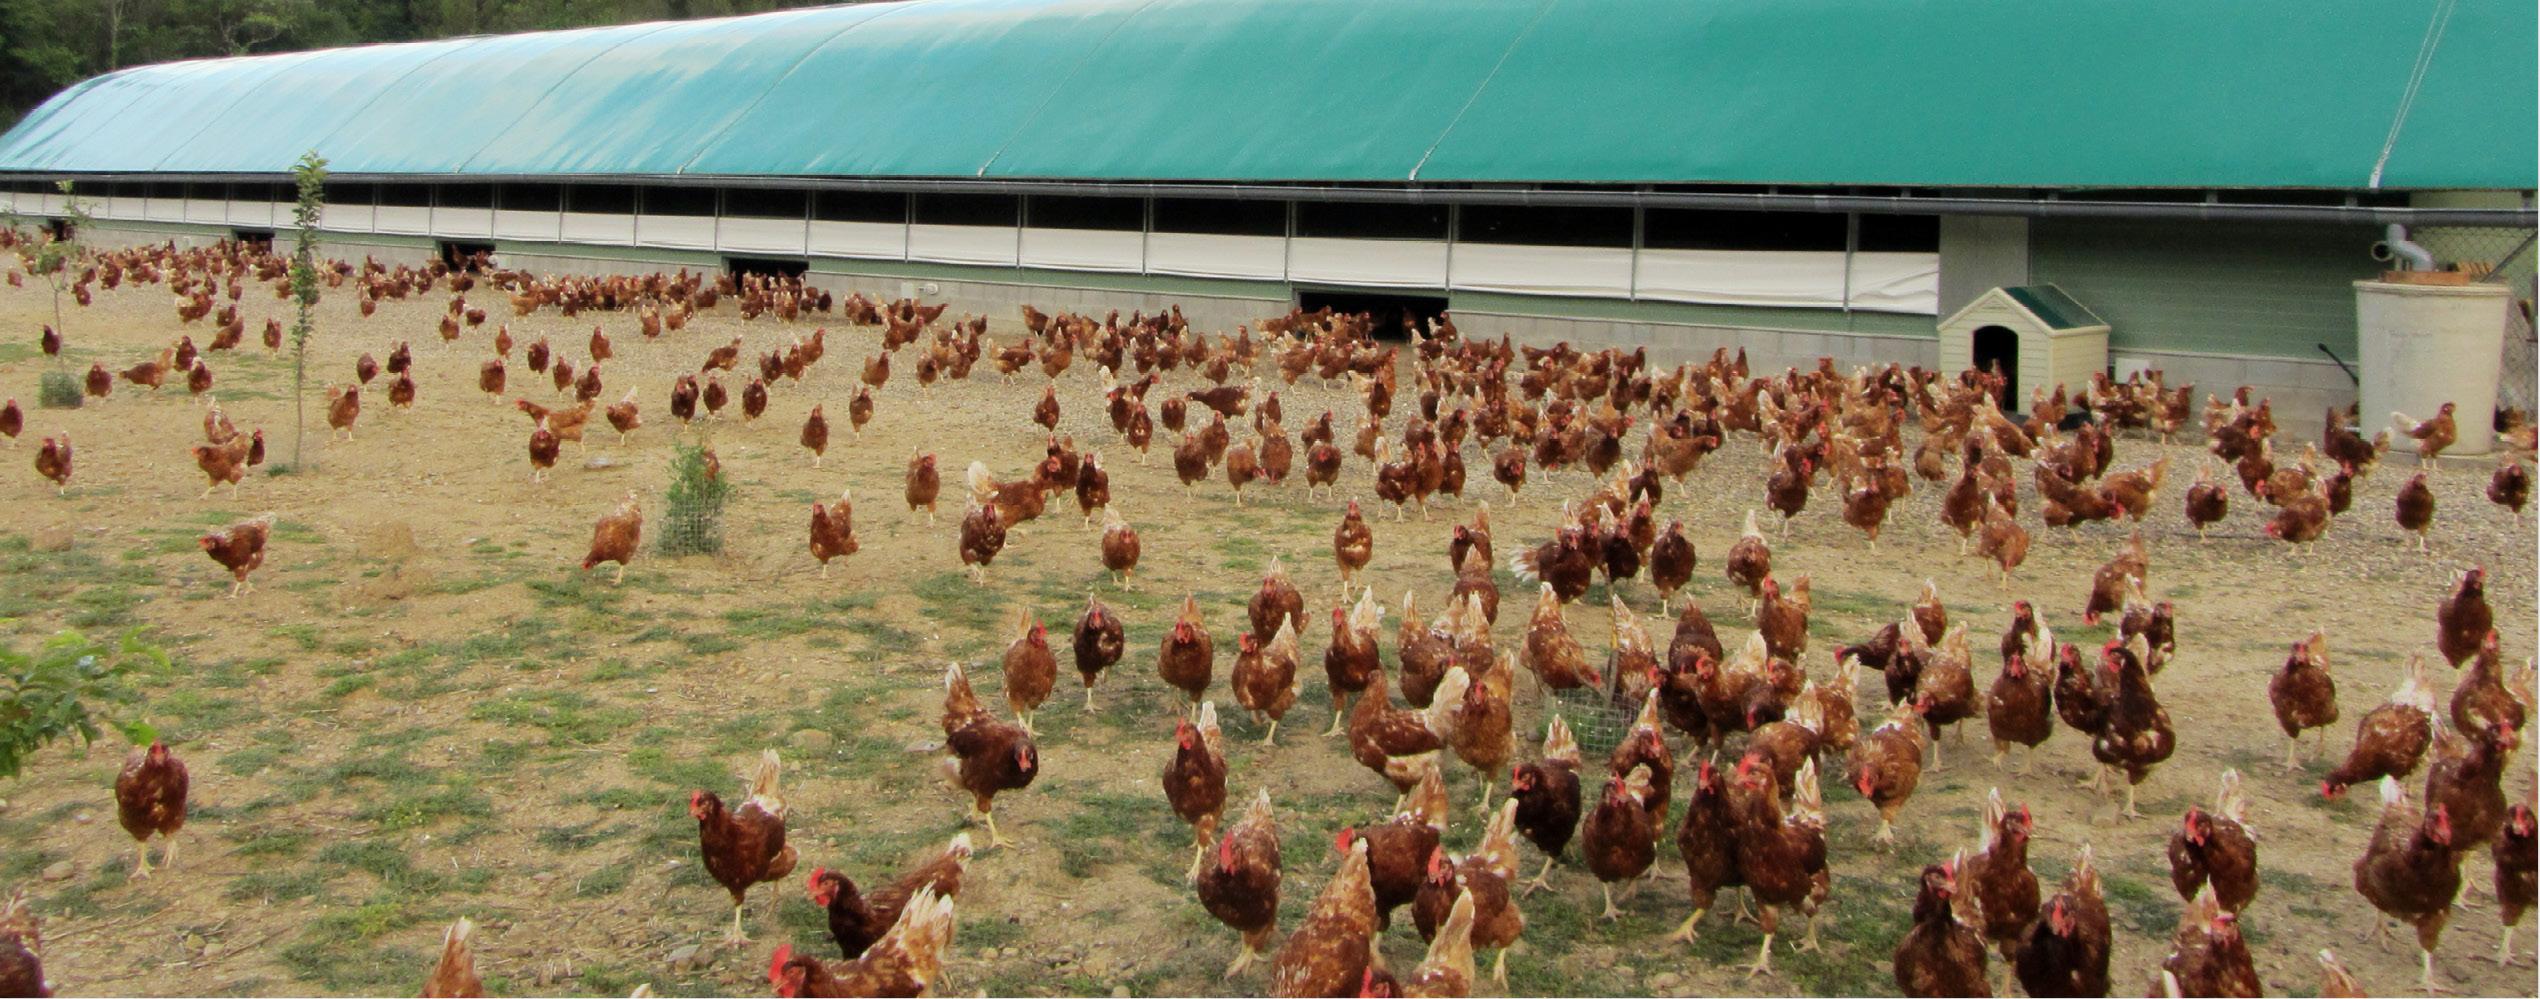 Selecciones Avícolas - IMPACTO DE LOS SISTEMAS DE ALOJAMIENTO EN EL  BIENESTAR, LA SALUD Y EL COMPORTAMIENTO DE LAS POLLITAS Y LAS GALLINAS  PONEDORAS